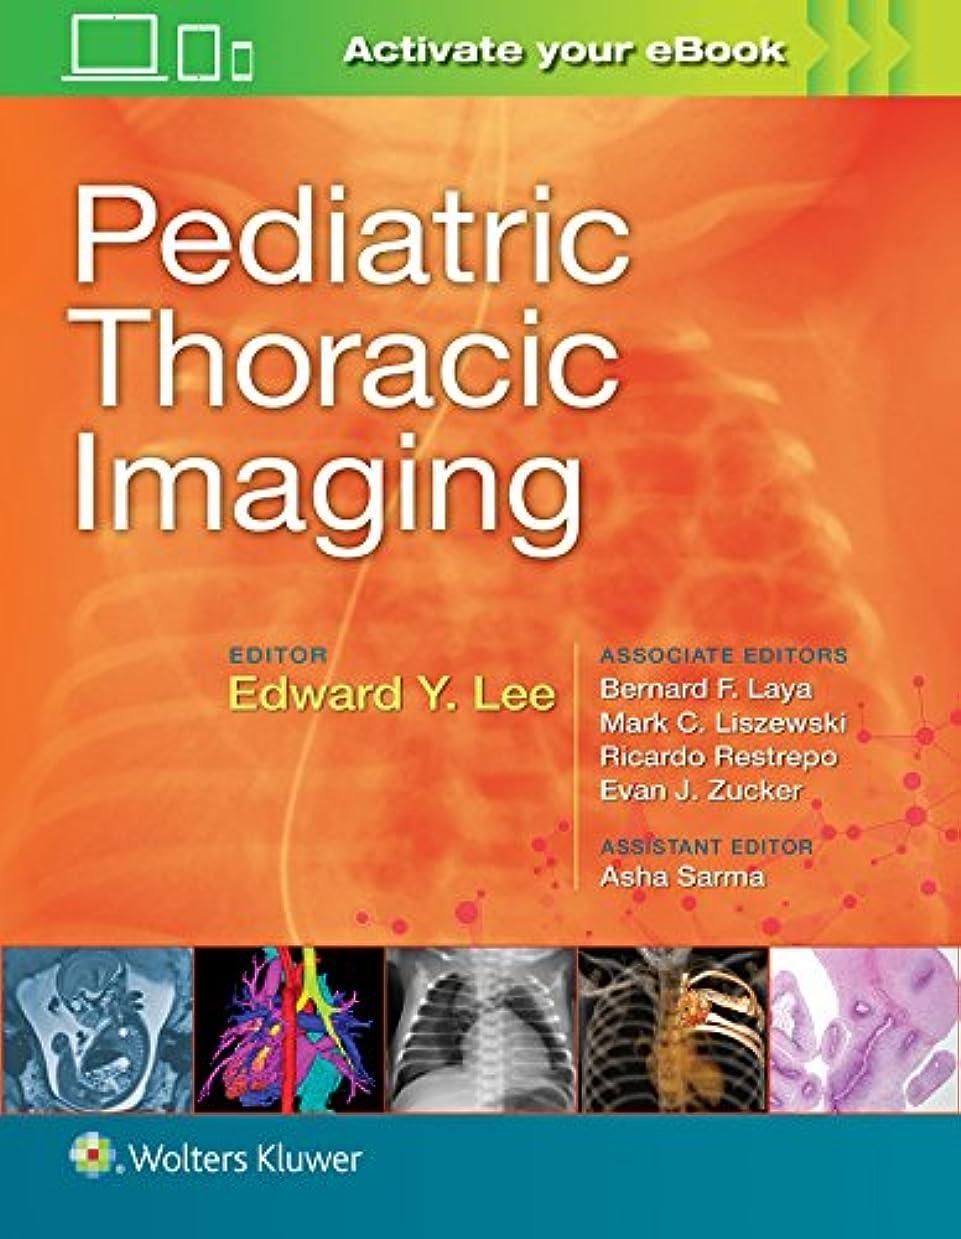 おとなしいプロトタイプ耐えるPediatric Thoracic Imaging